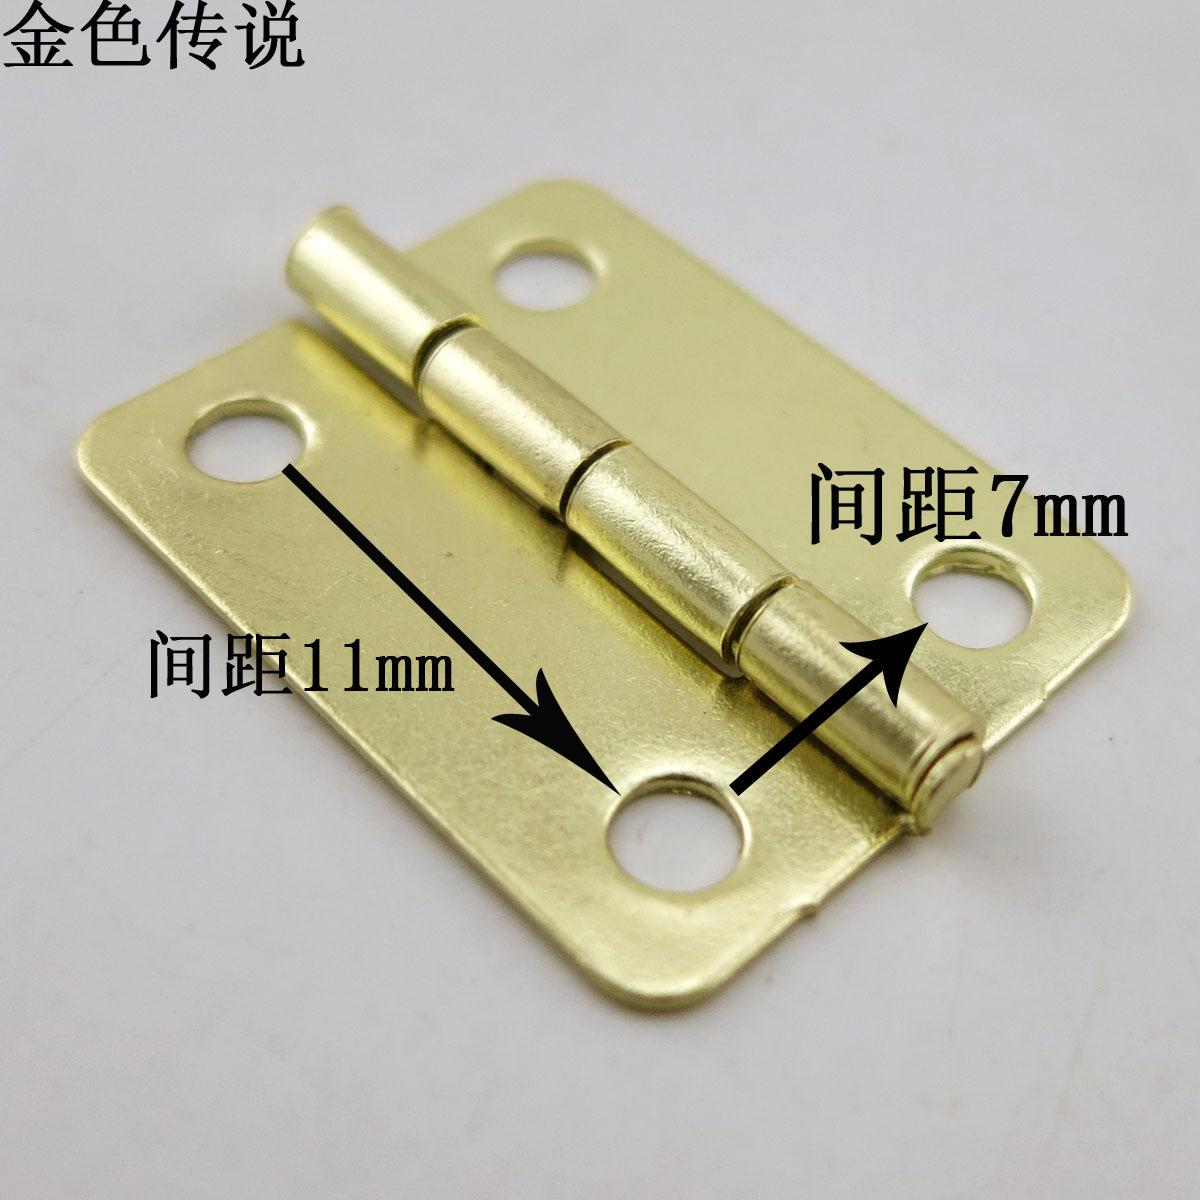 2.3*1.9 латунь складные мини - мини - небольшой петли крепления diy ремесла деревообрабатывающий модели оборудование